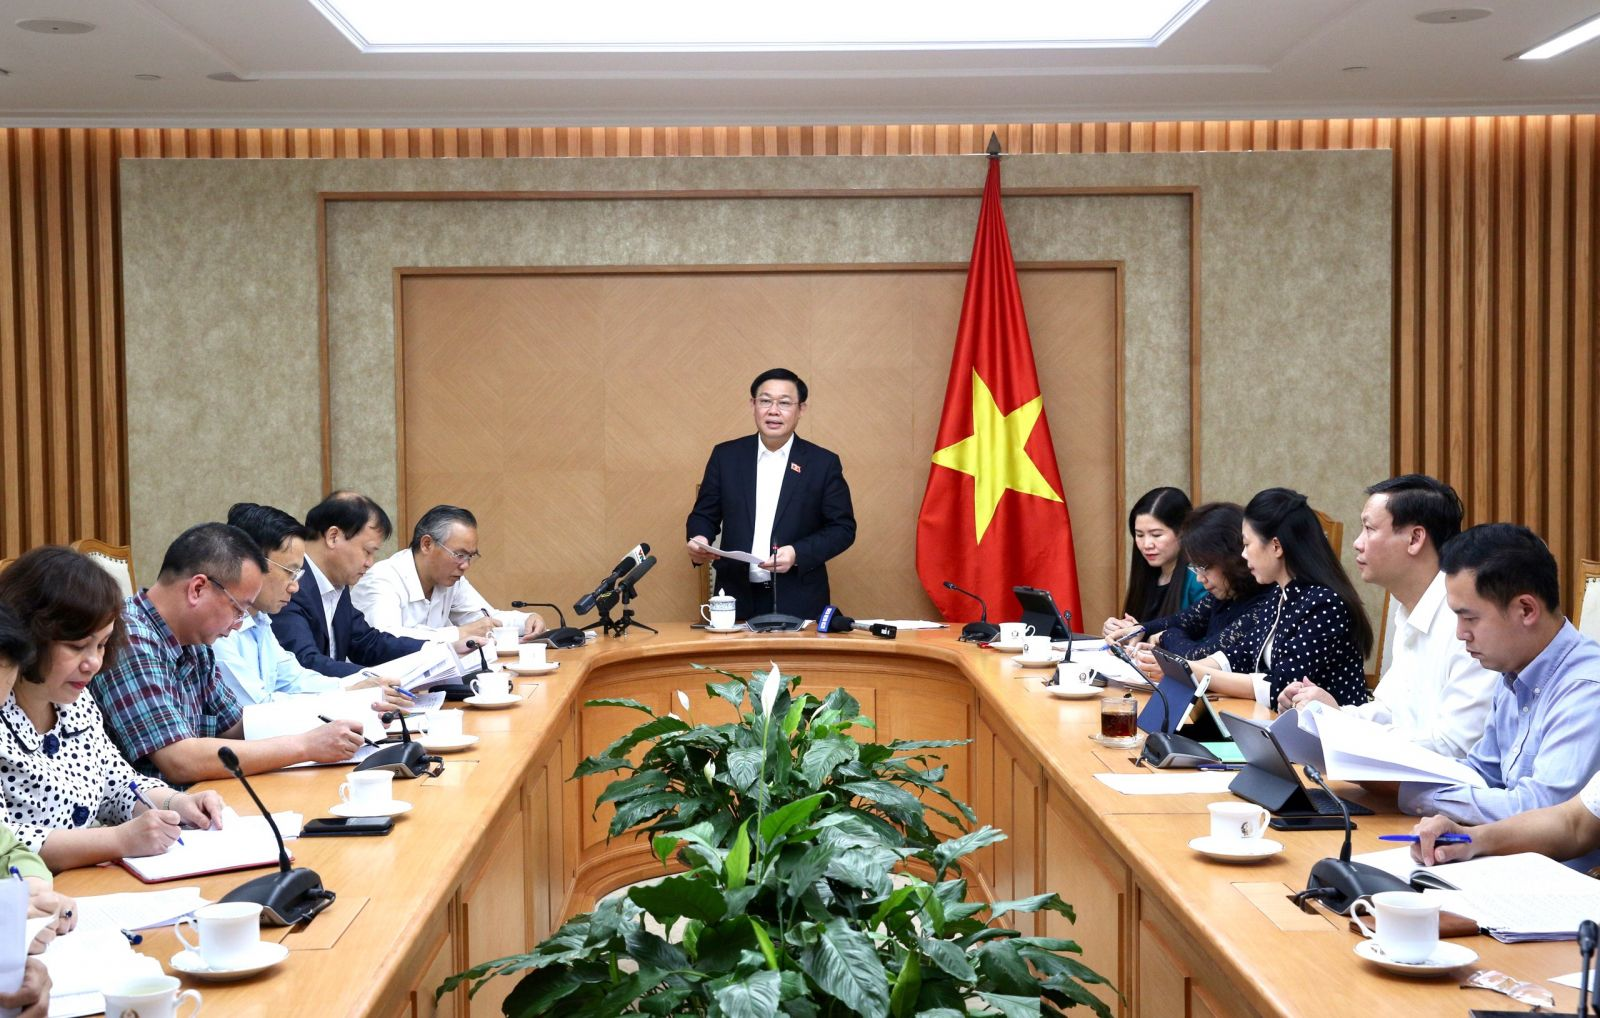 Phó thủ tướng Vương Đình Huệ phát biểu chủ trì cuộc họp. Ảnh: VGP/Thành Chung